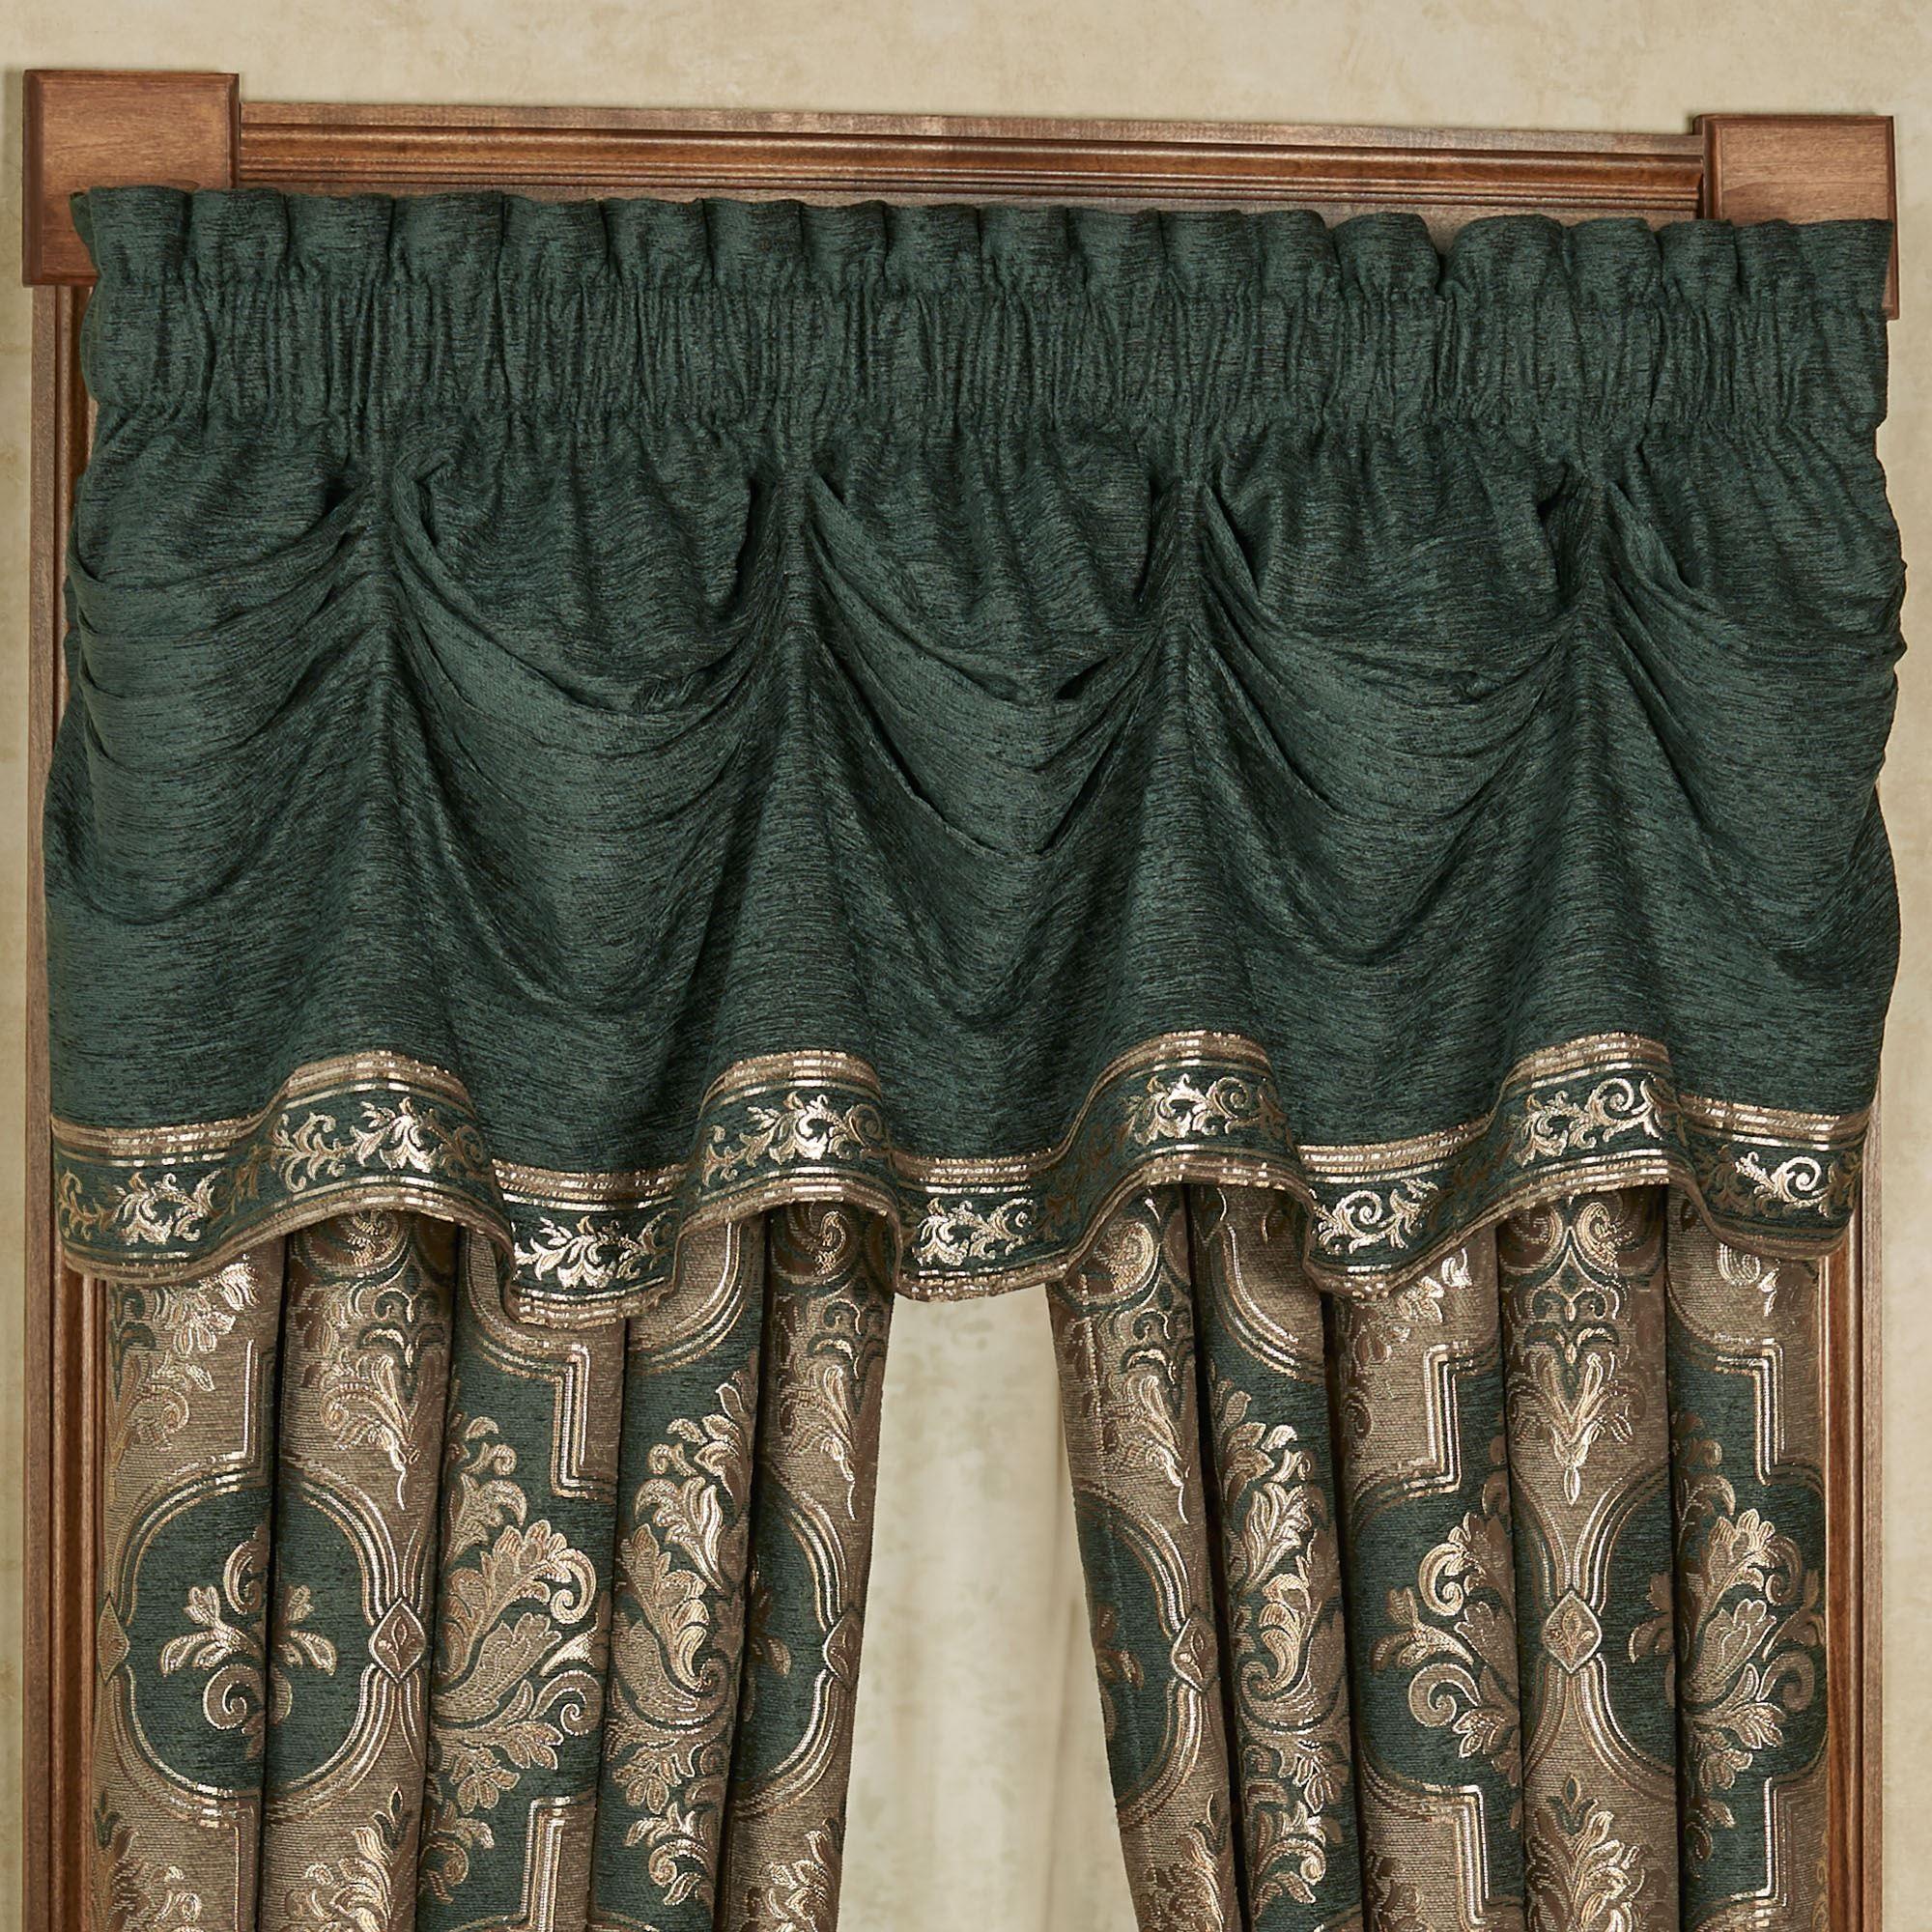 Marietta Emerald Green Tuck Valance Window Treatment